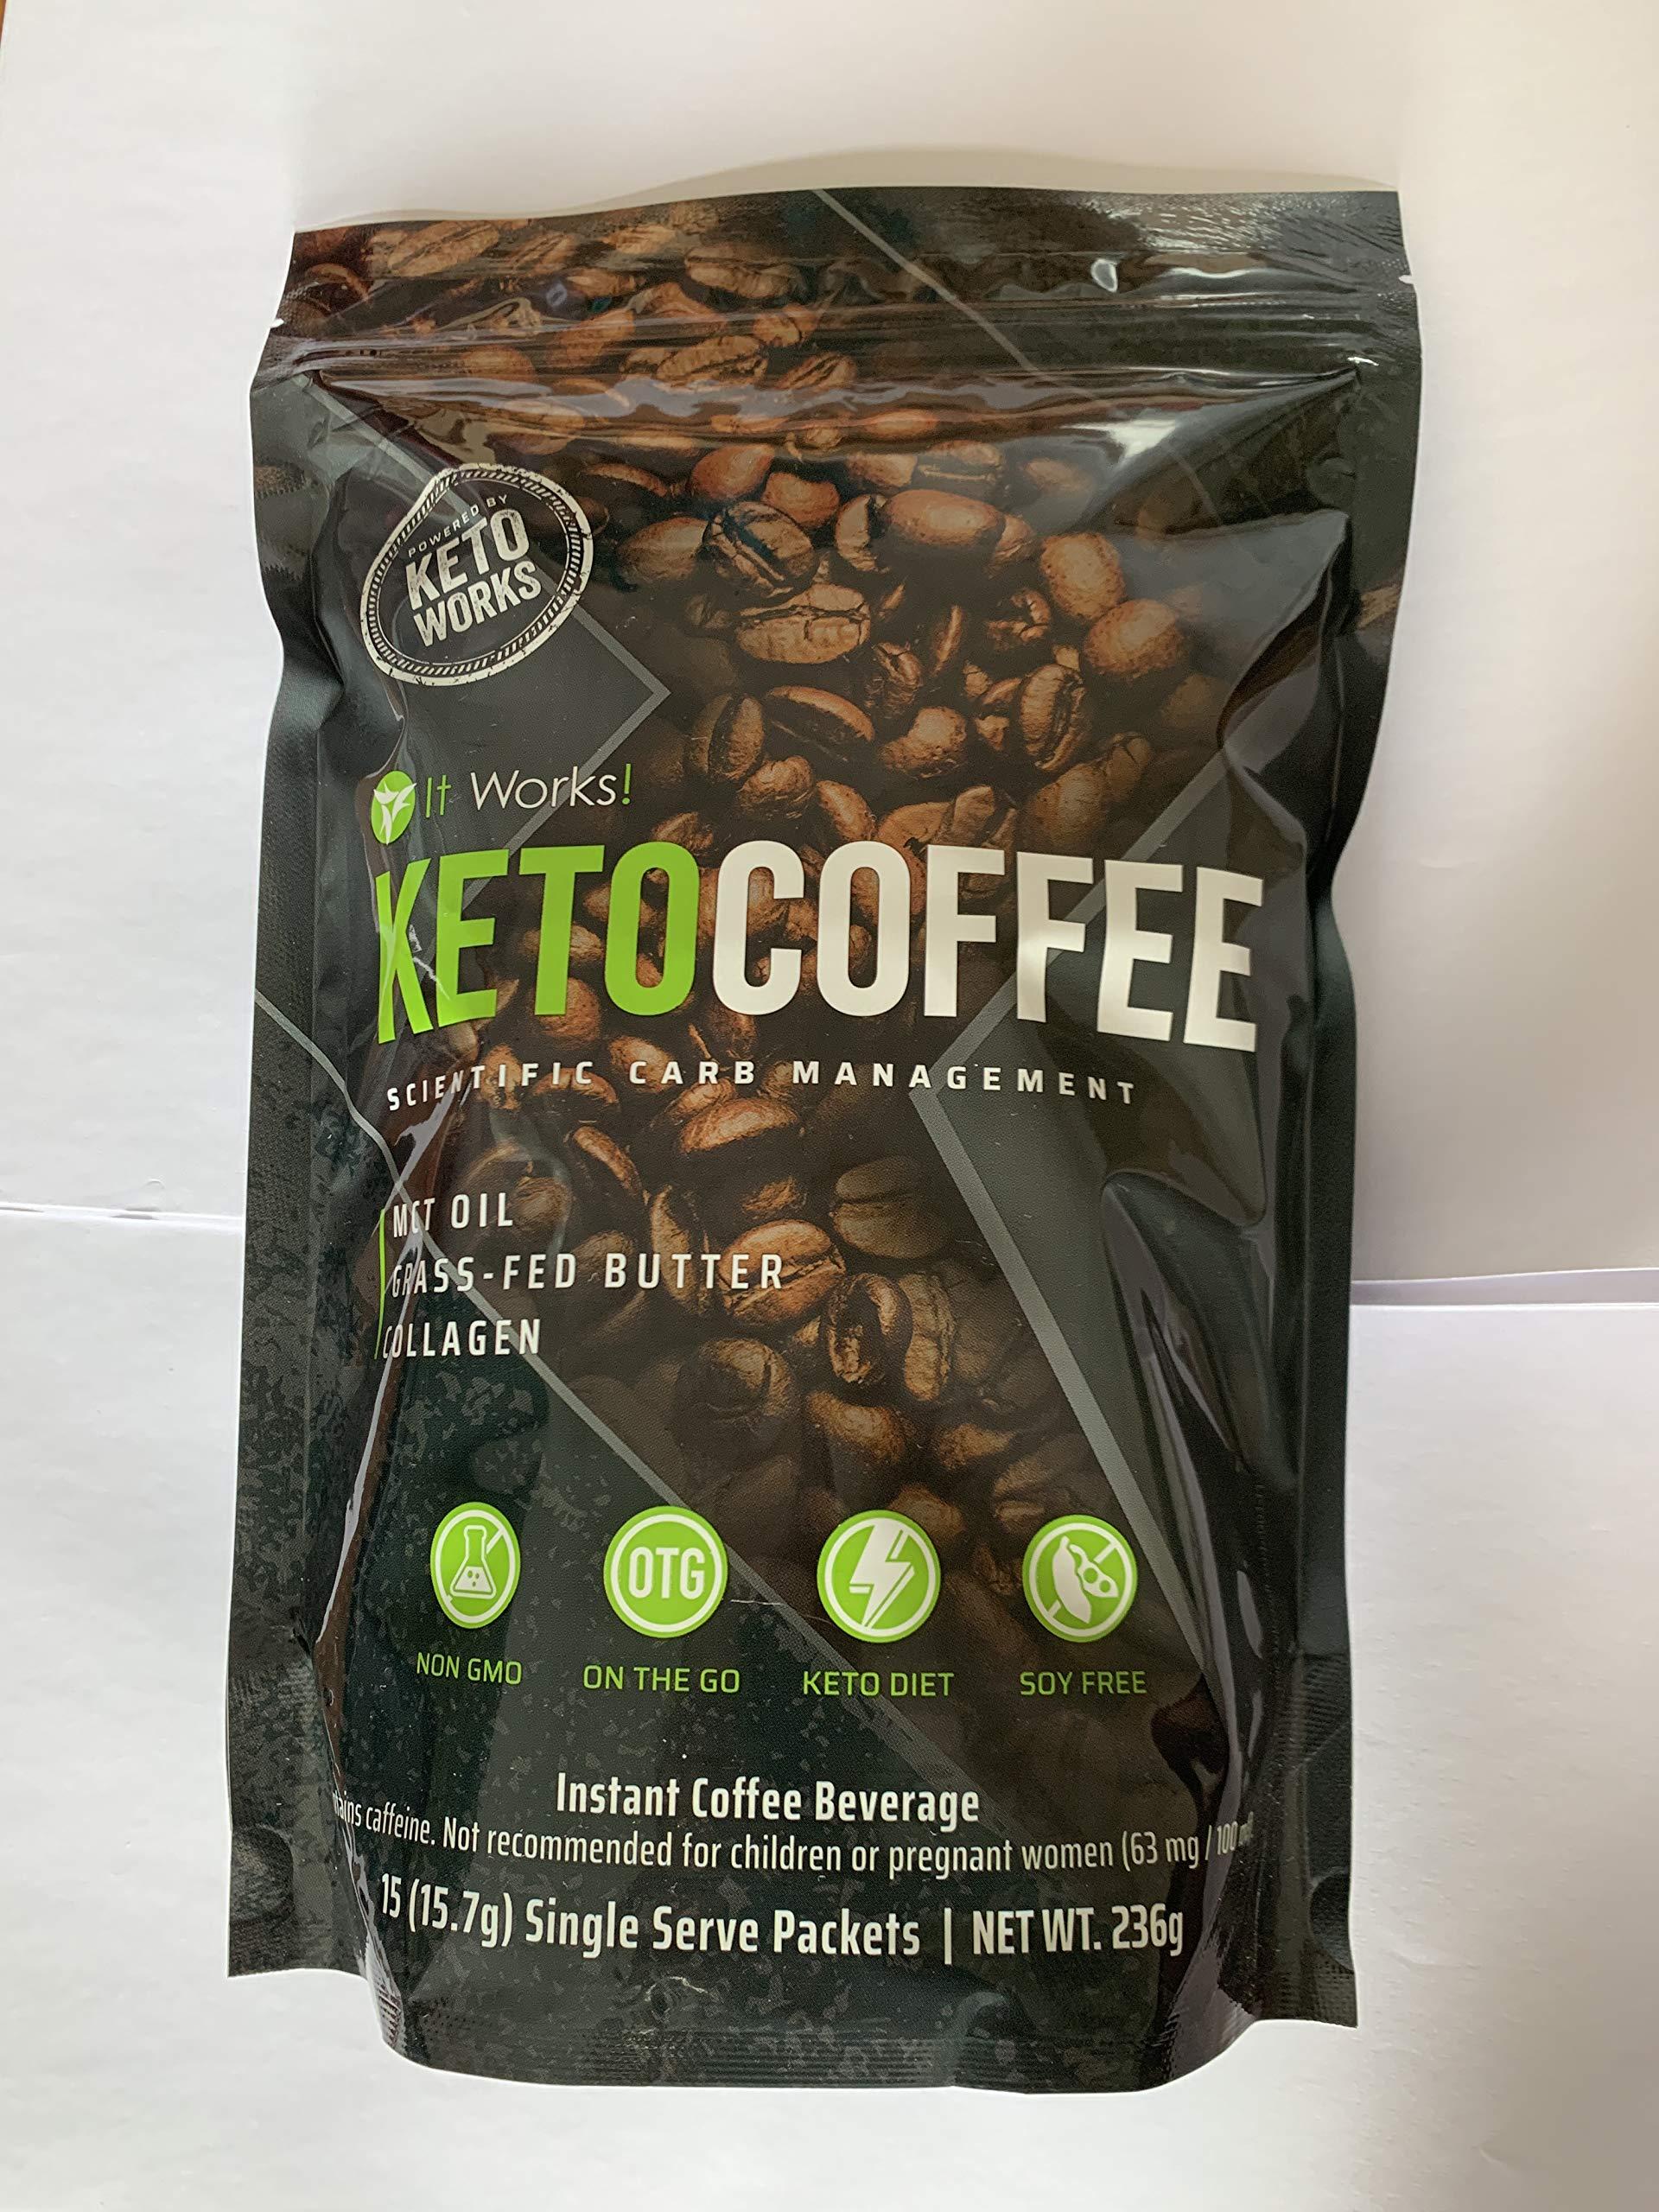 It Works Keto Coffee Ketocoffee 15 Individual Servings Per Bag by IT WORKS Ketocoffee (Image #1)